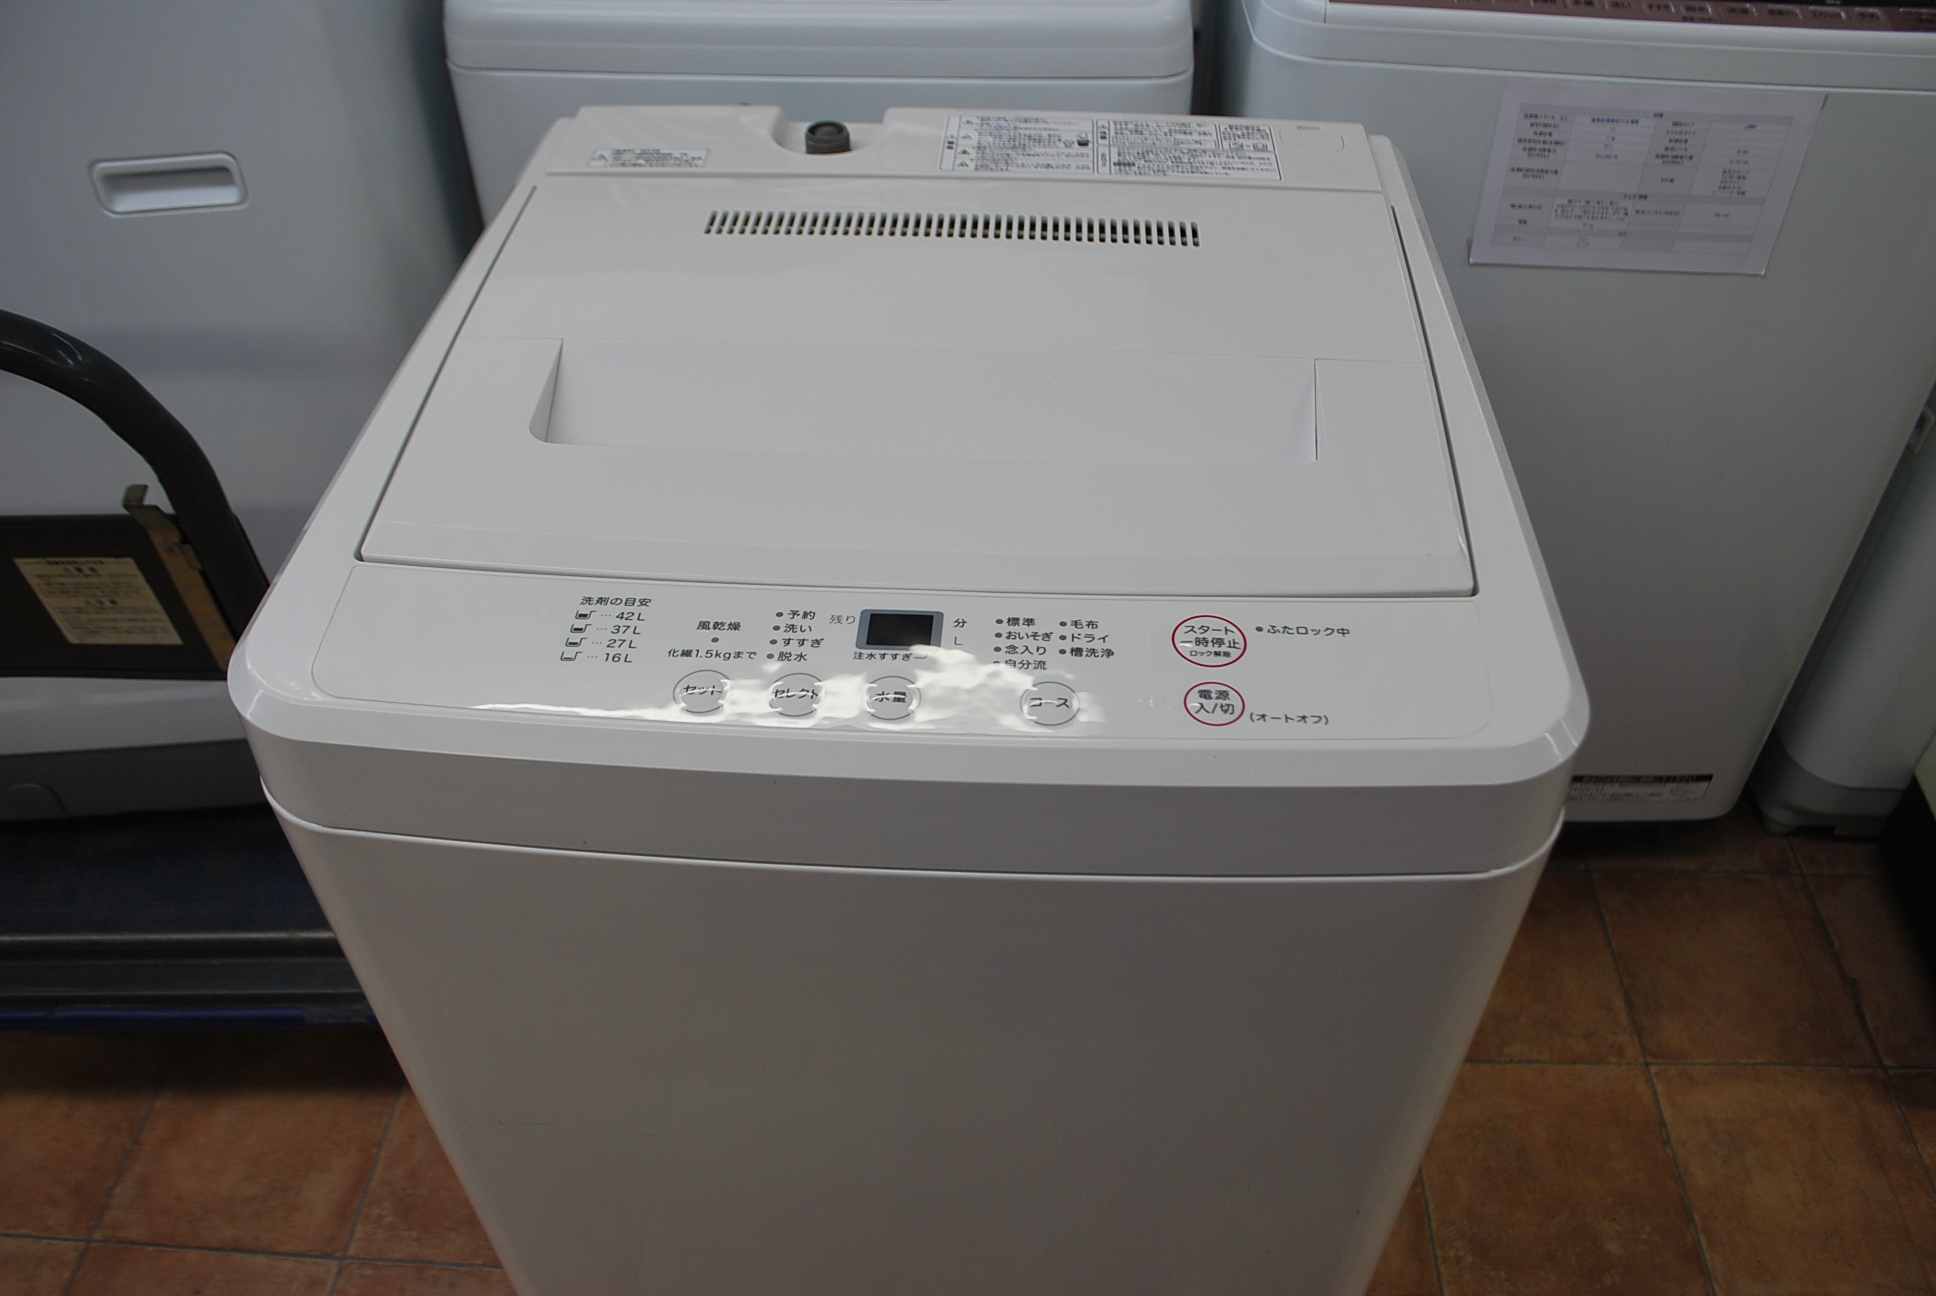 無印良品 ドラム式洗濯機